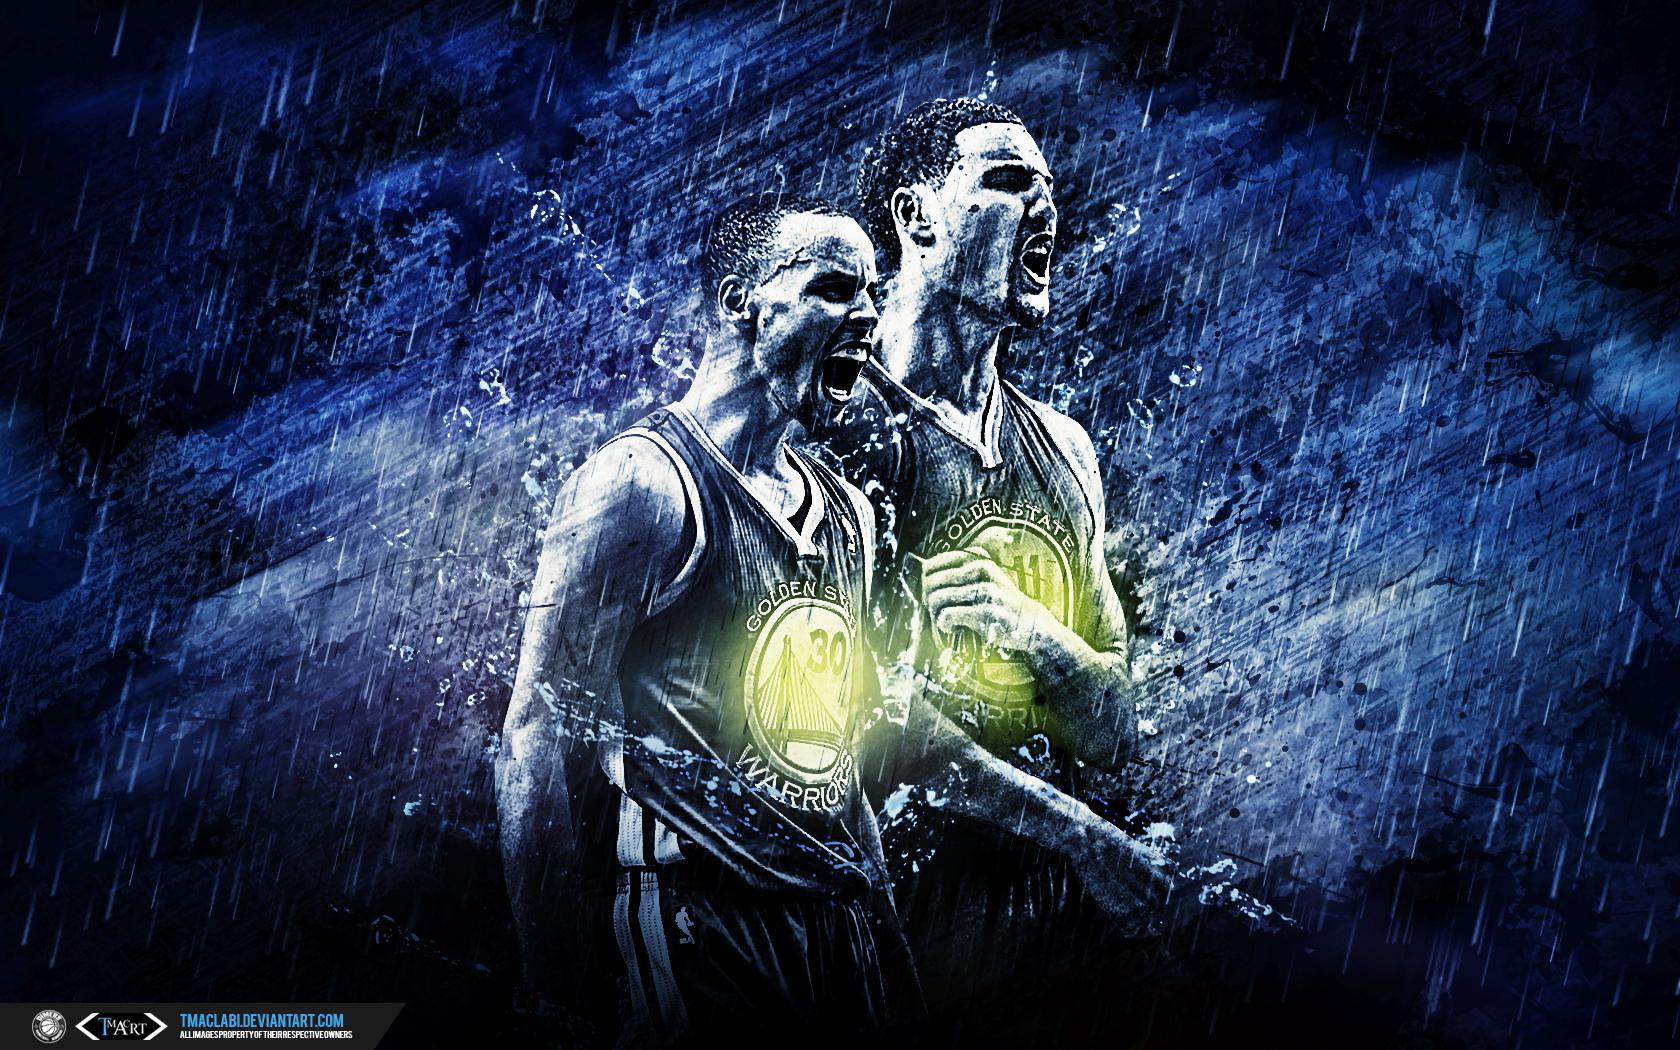 Download Wallpaper Logo Golden State Warriors - golden_state_warriors_splash_brothers_wallpaper_by_tmaclabi-d87c4uw  Photograph_439545.jpg